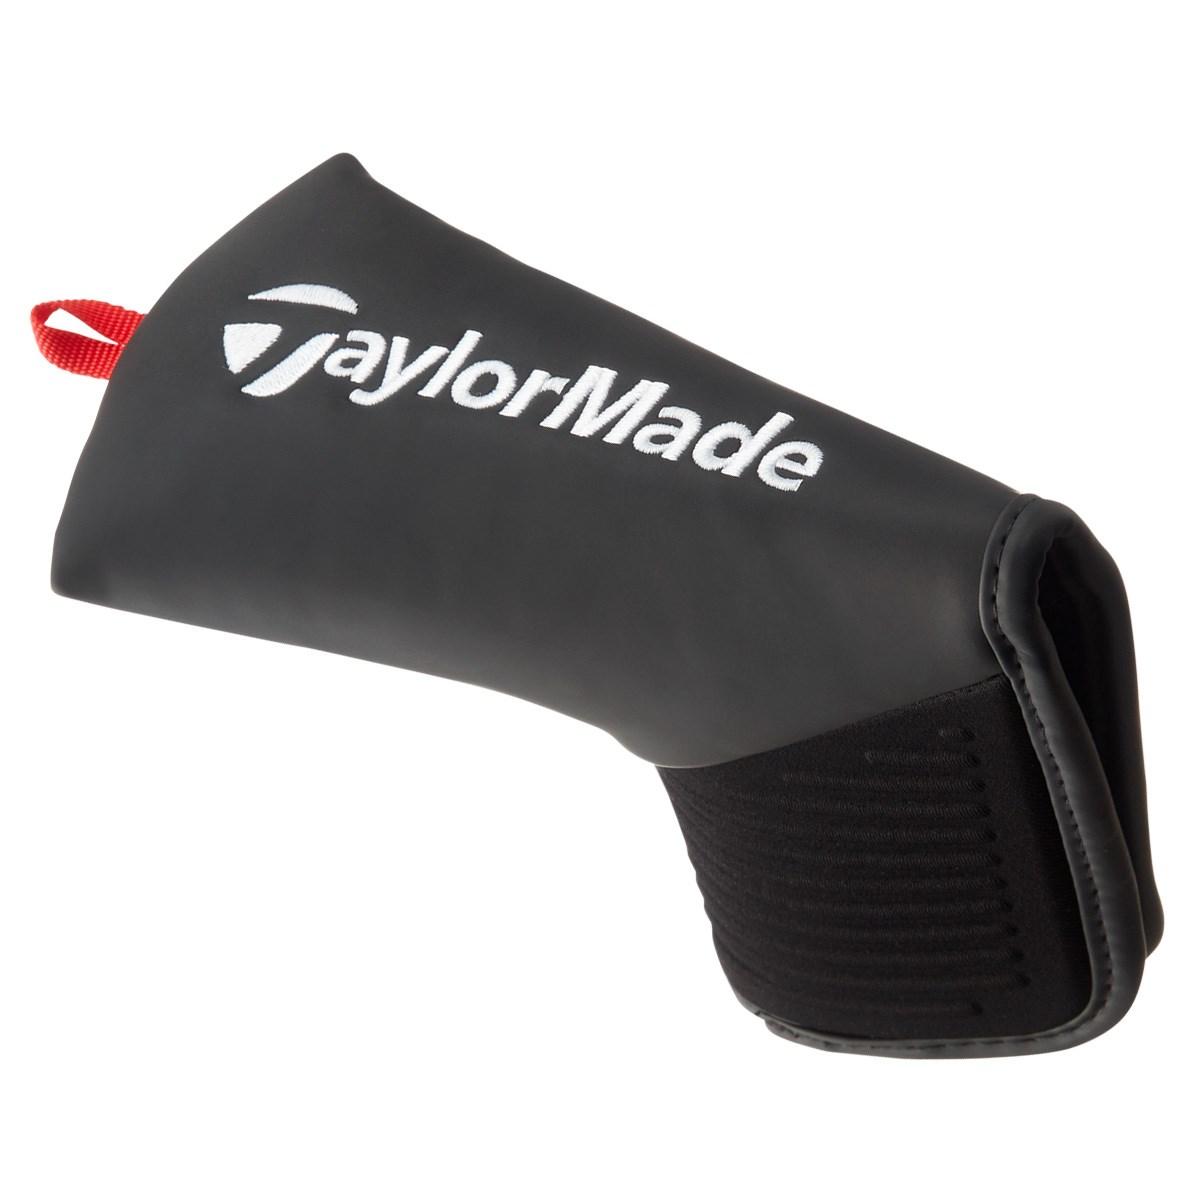 テーラーメイド(Taylor Made) モールドパネル パターカバー